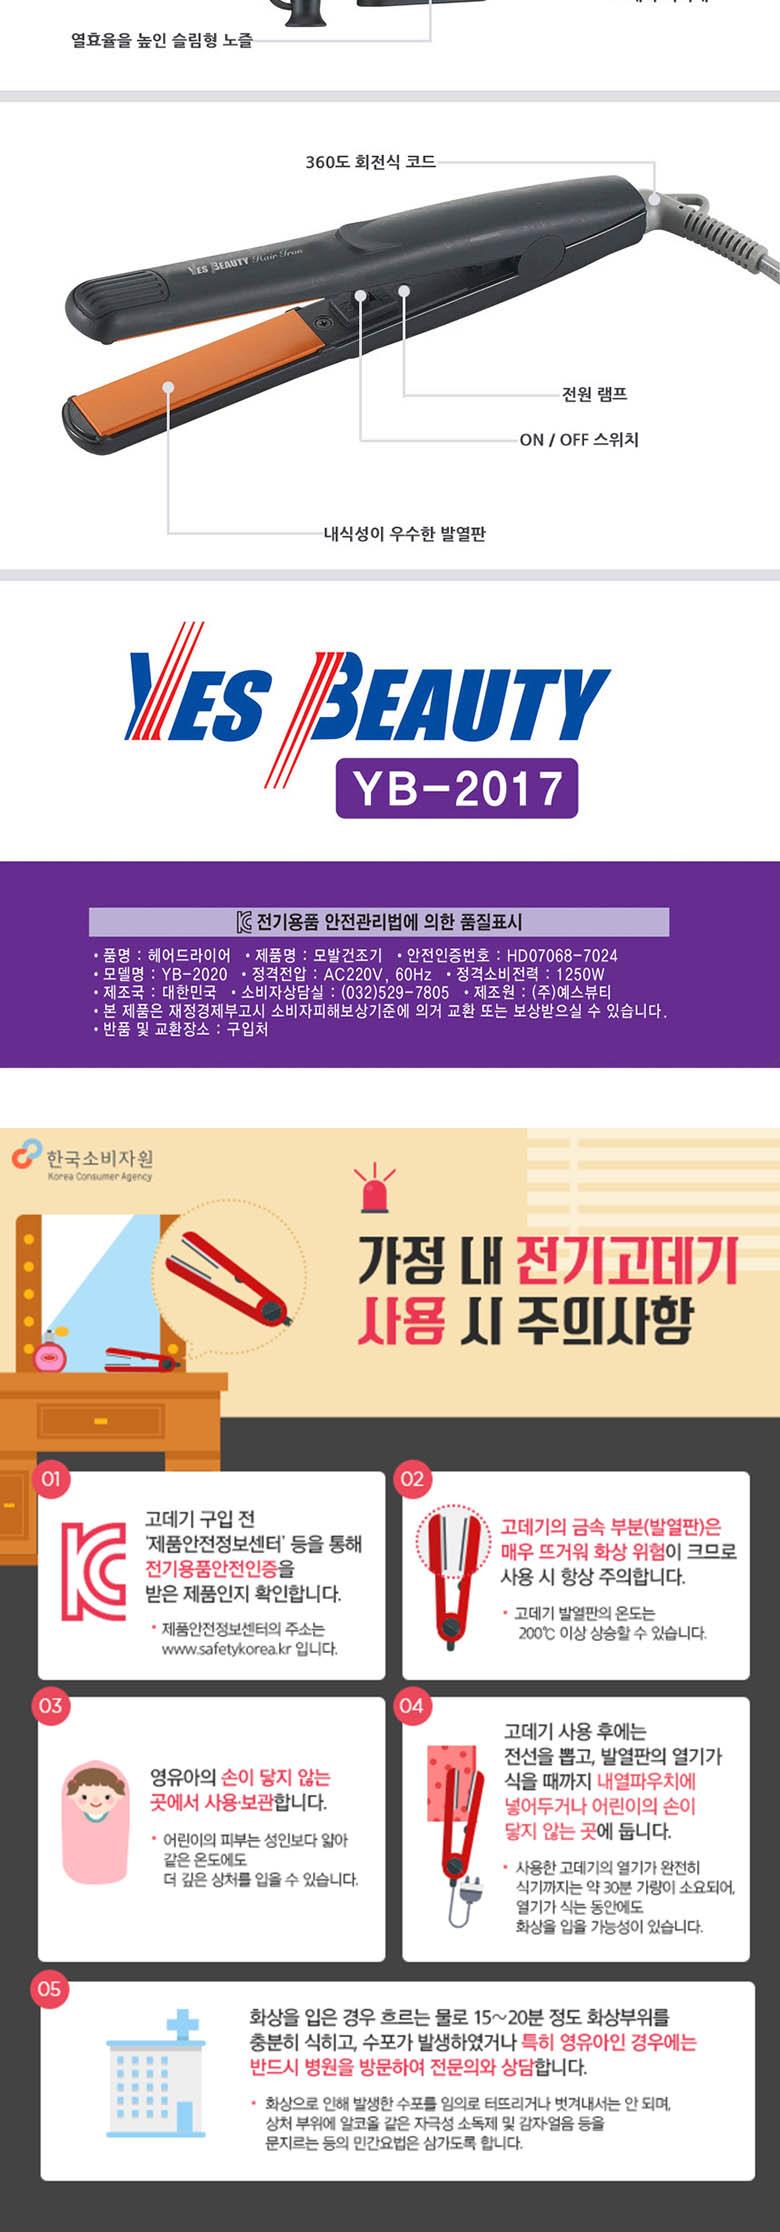 2IN1 벽걸이형 헤어드라이기+고데기 YB-2017 - 예스뷰티, 78,000원, 헤어기기, 드라이어